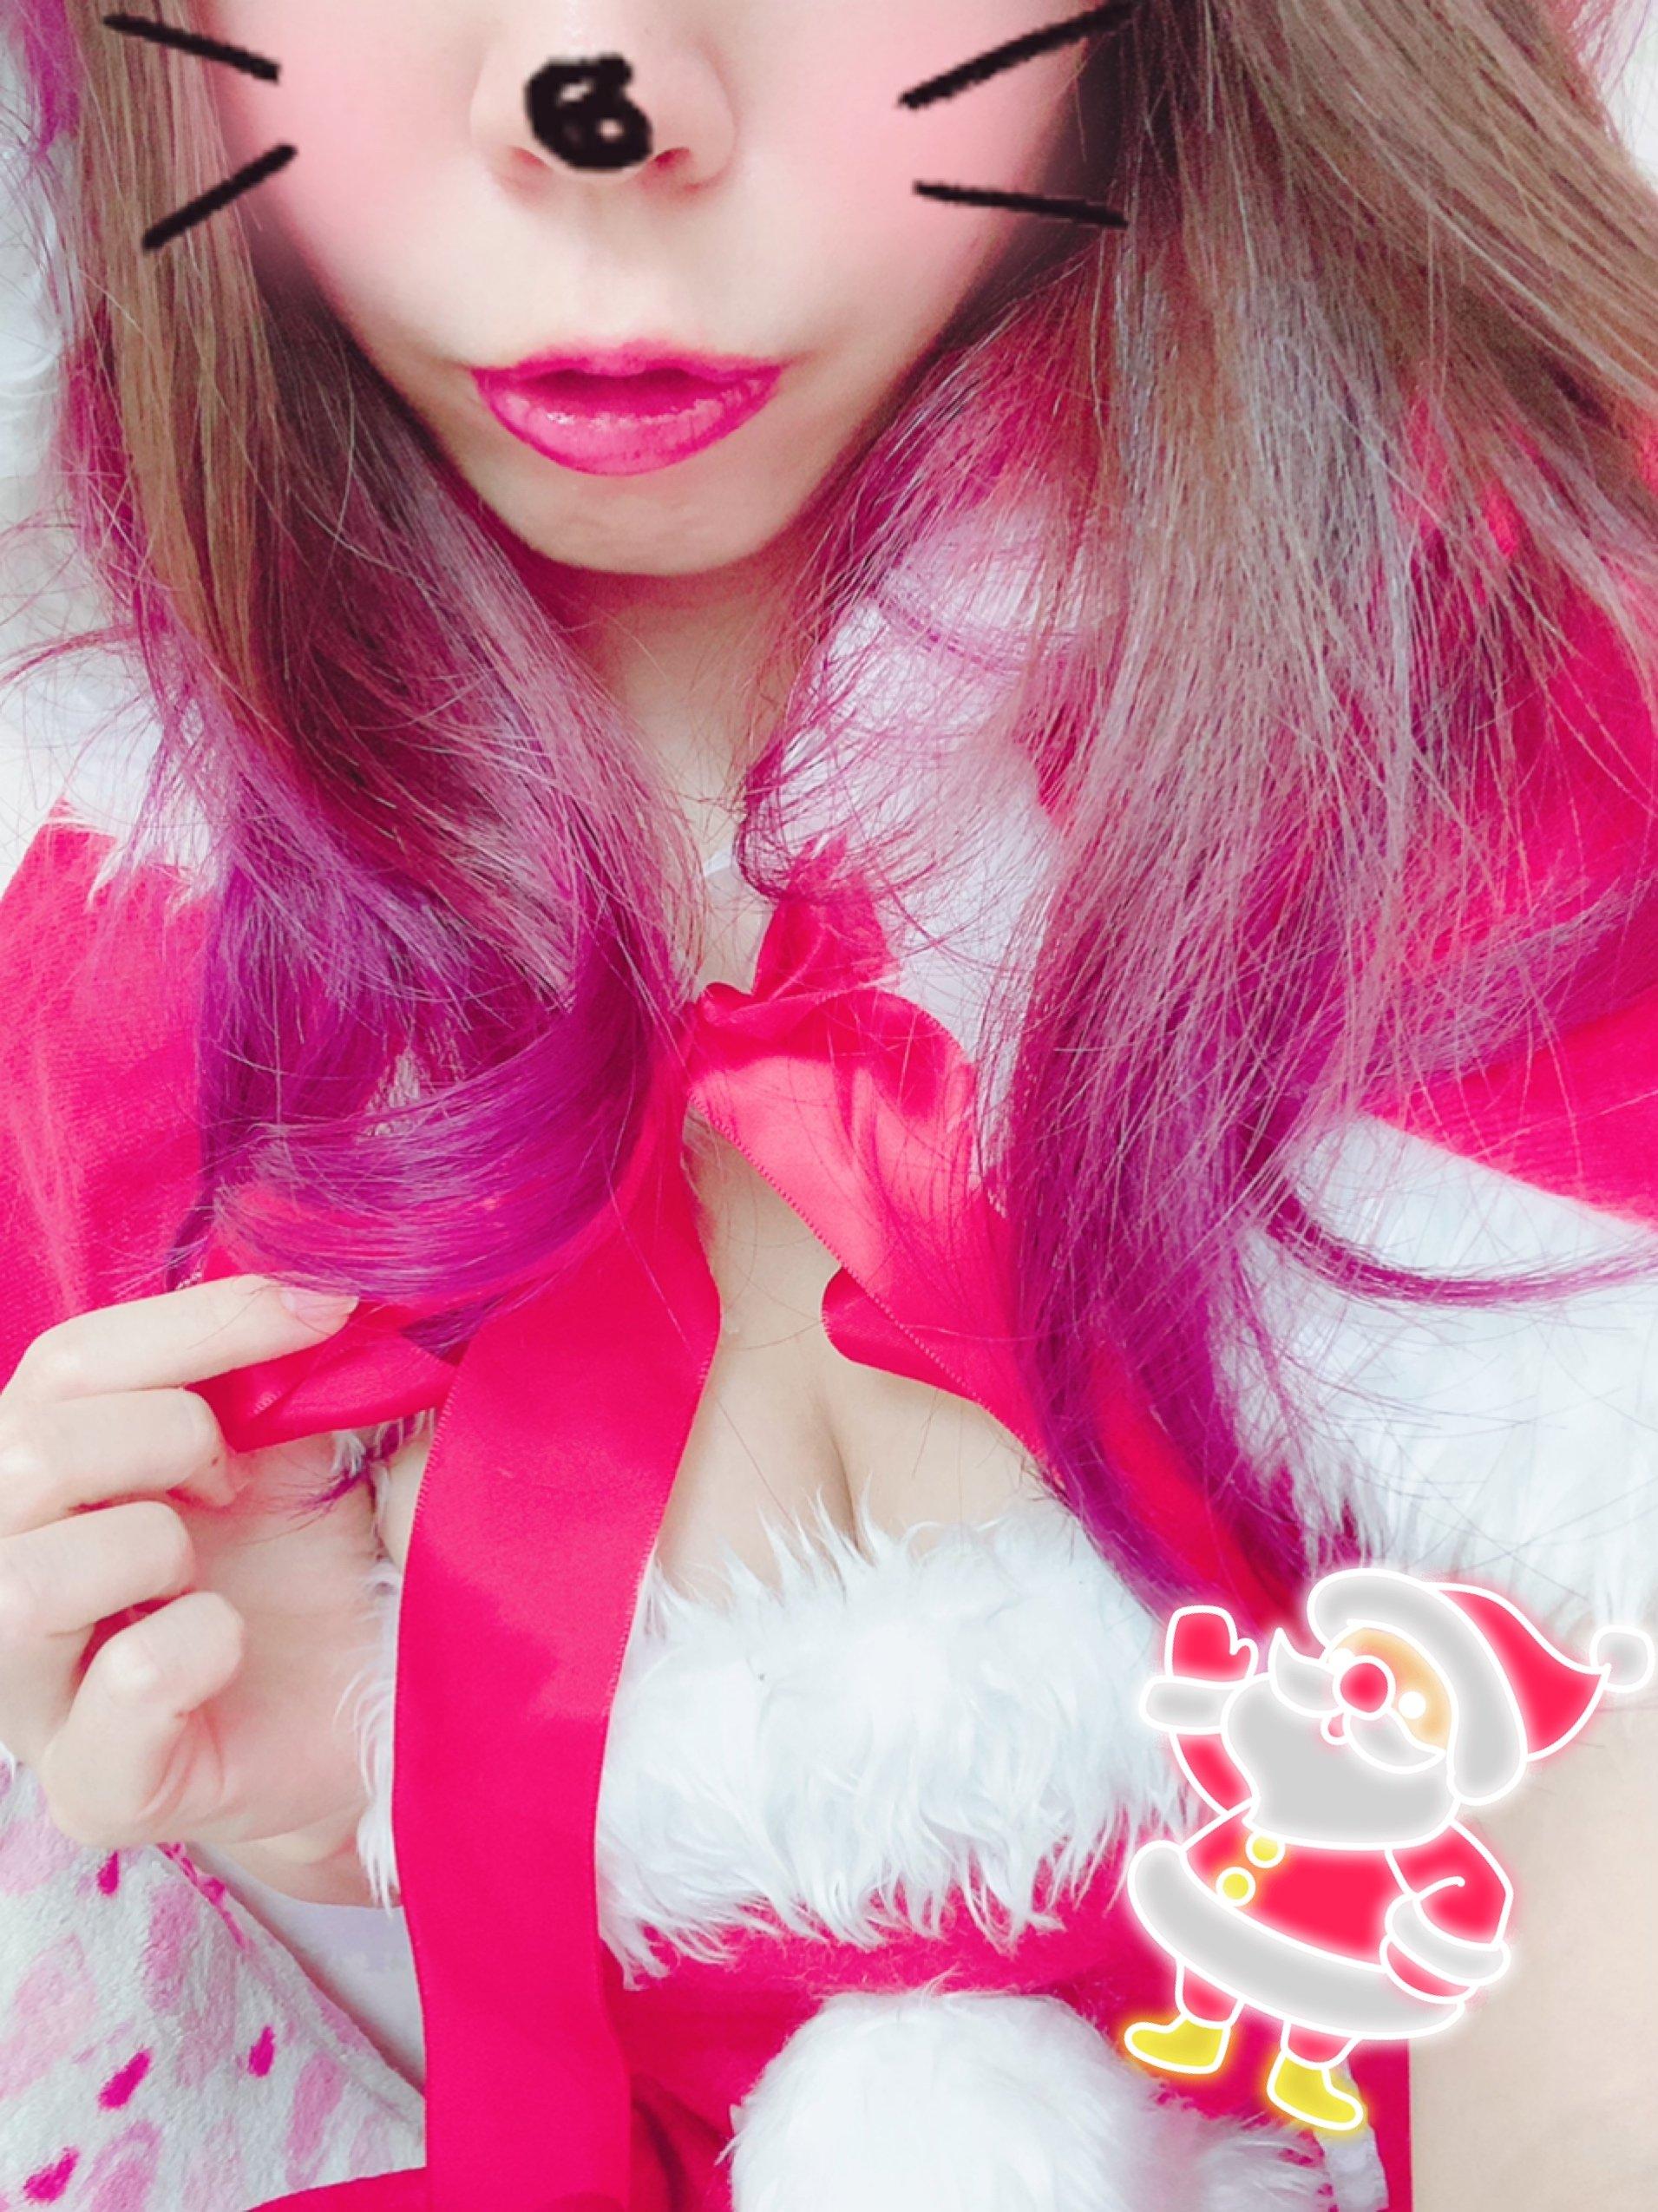 ♥♡リリ♡♥ちゃんのツイート